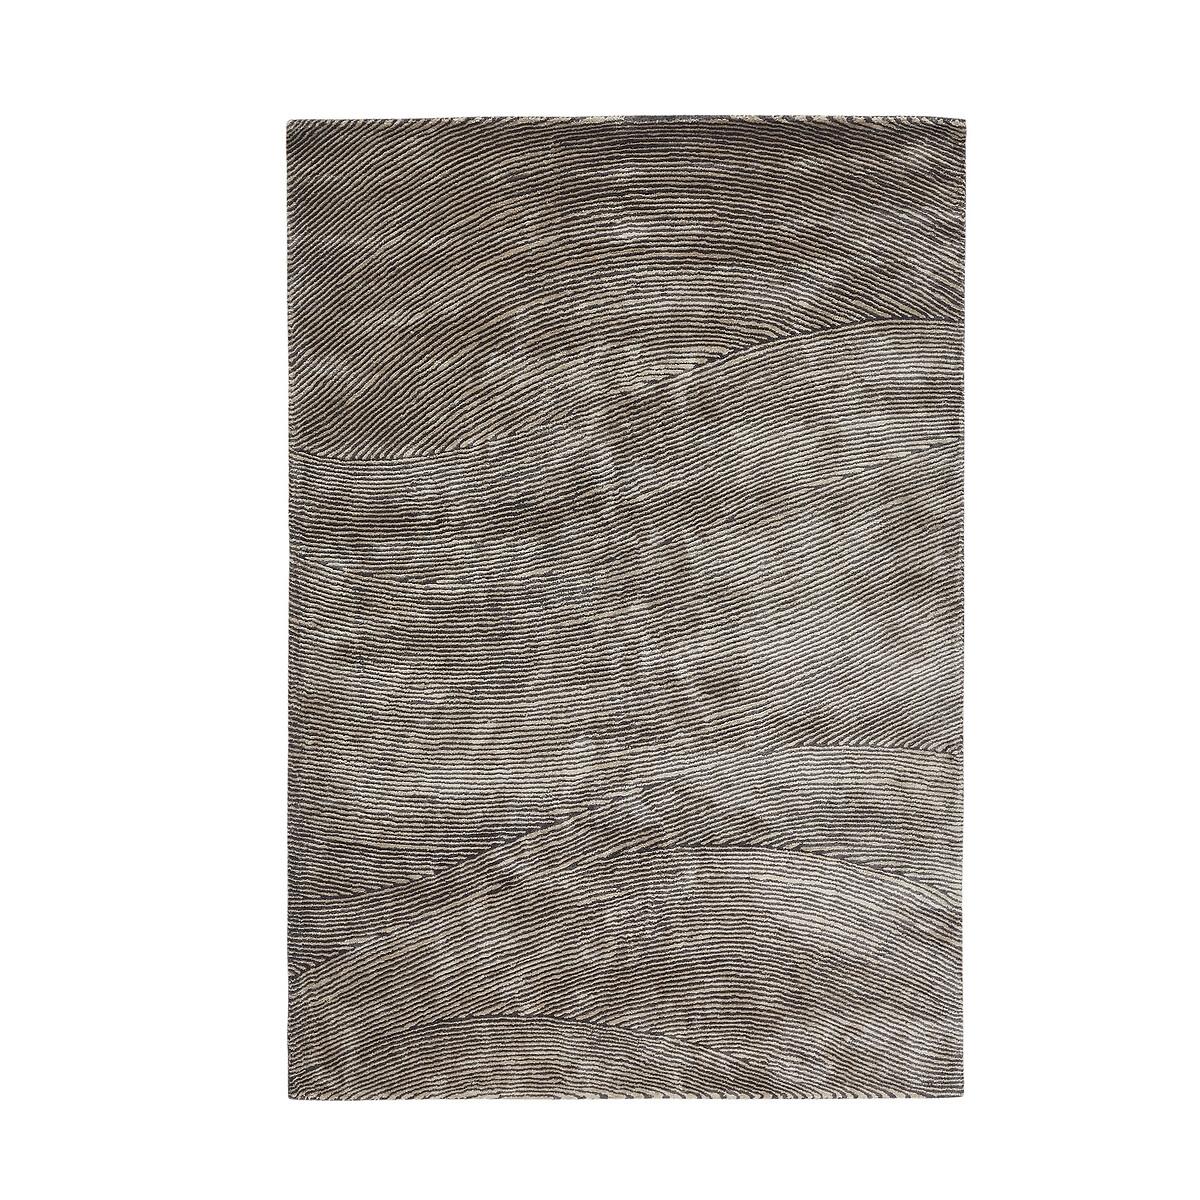 Ковер LaRedoute Из вискозы Chaapri 120 x 180 см серый ковер laredoute из вискозы luway 160 x 230 см бежевый